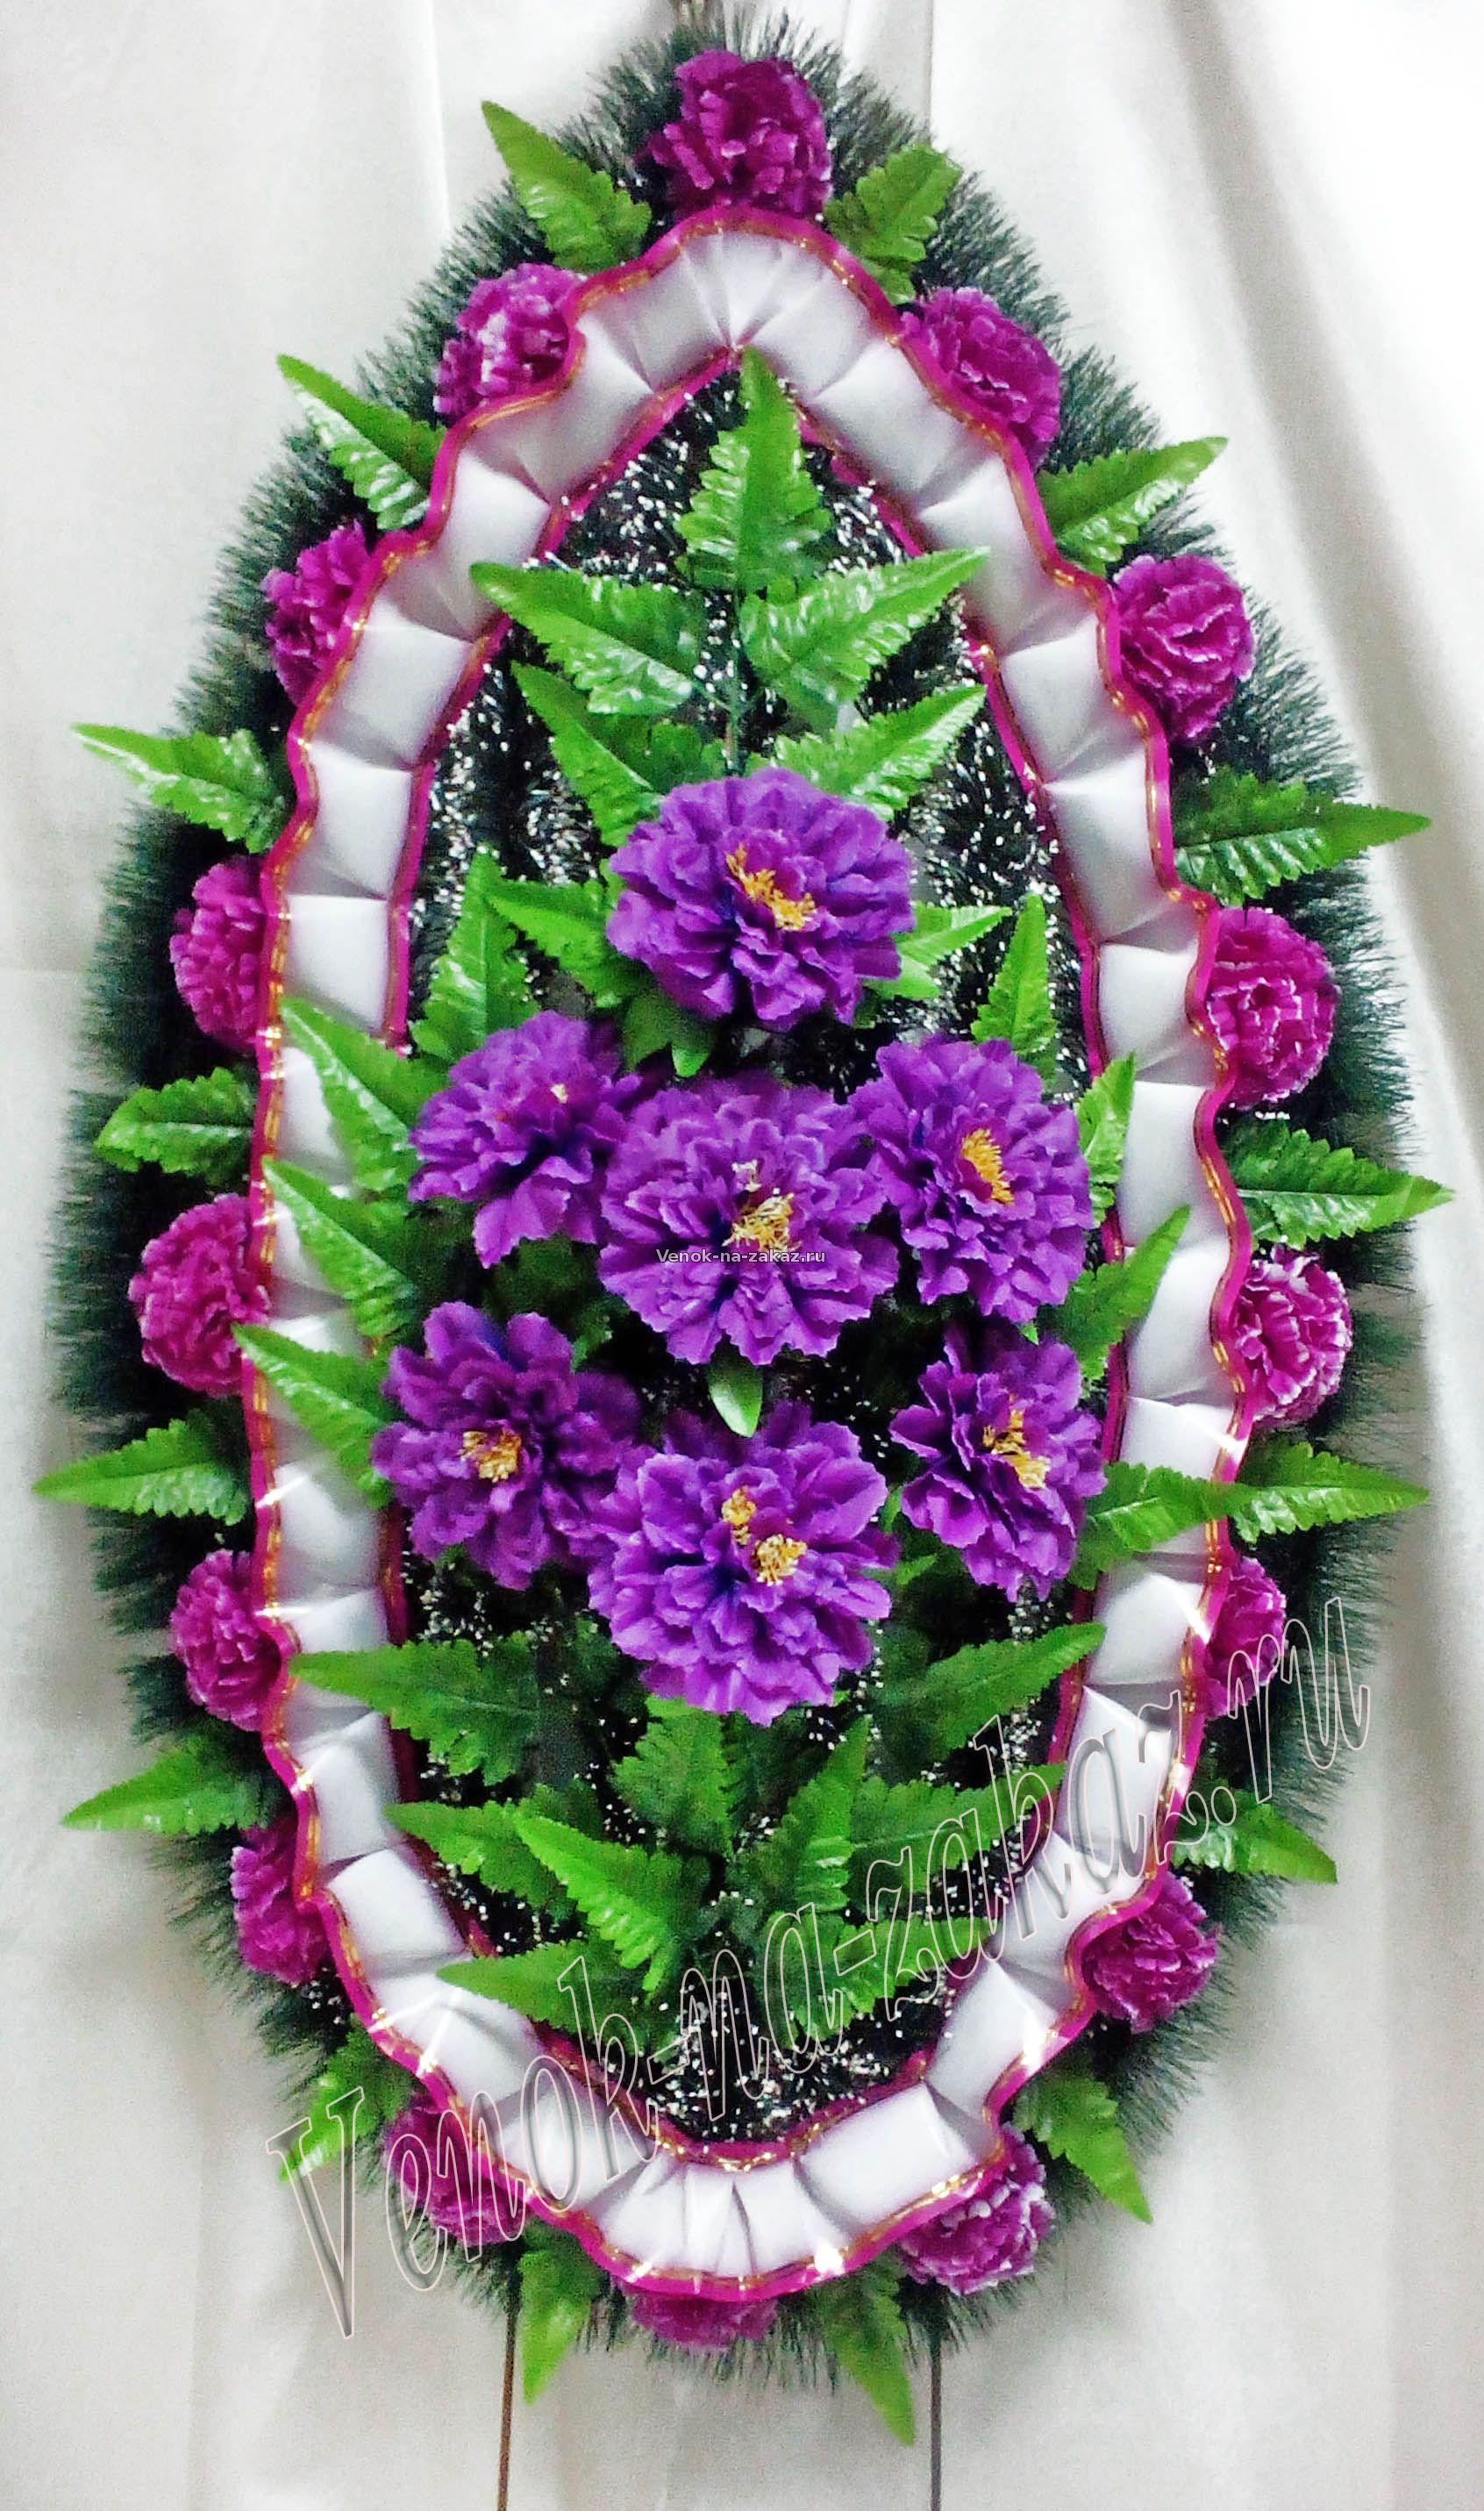 Ритуальные венки из искусственных цветов своими руками фото